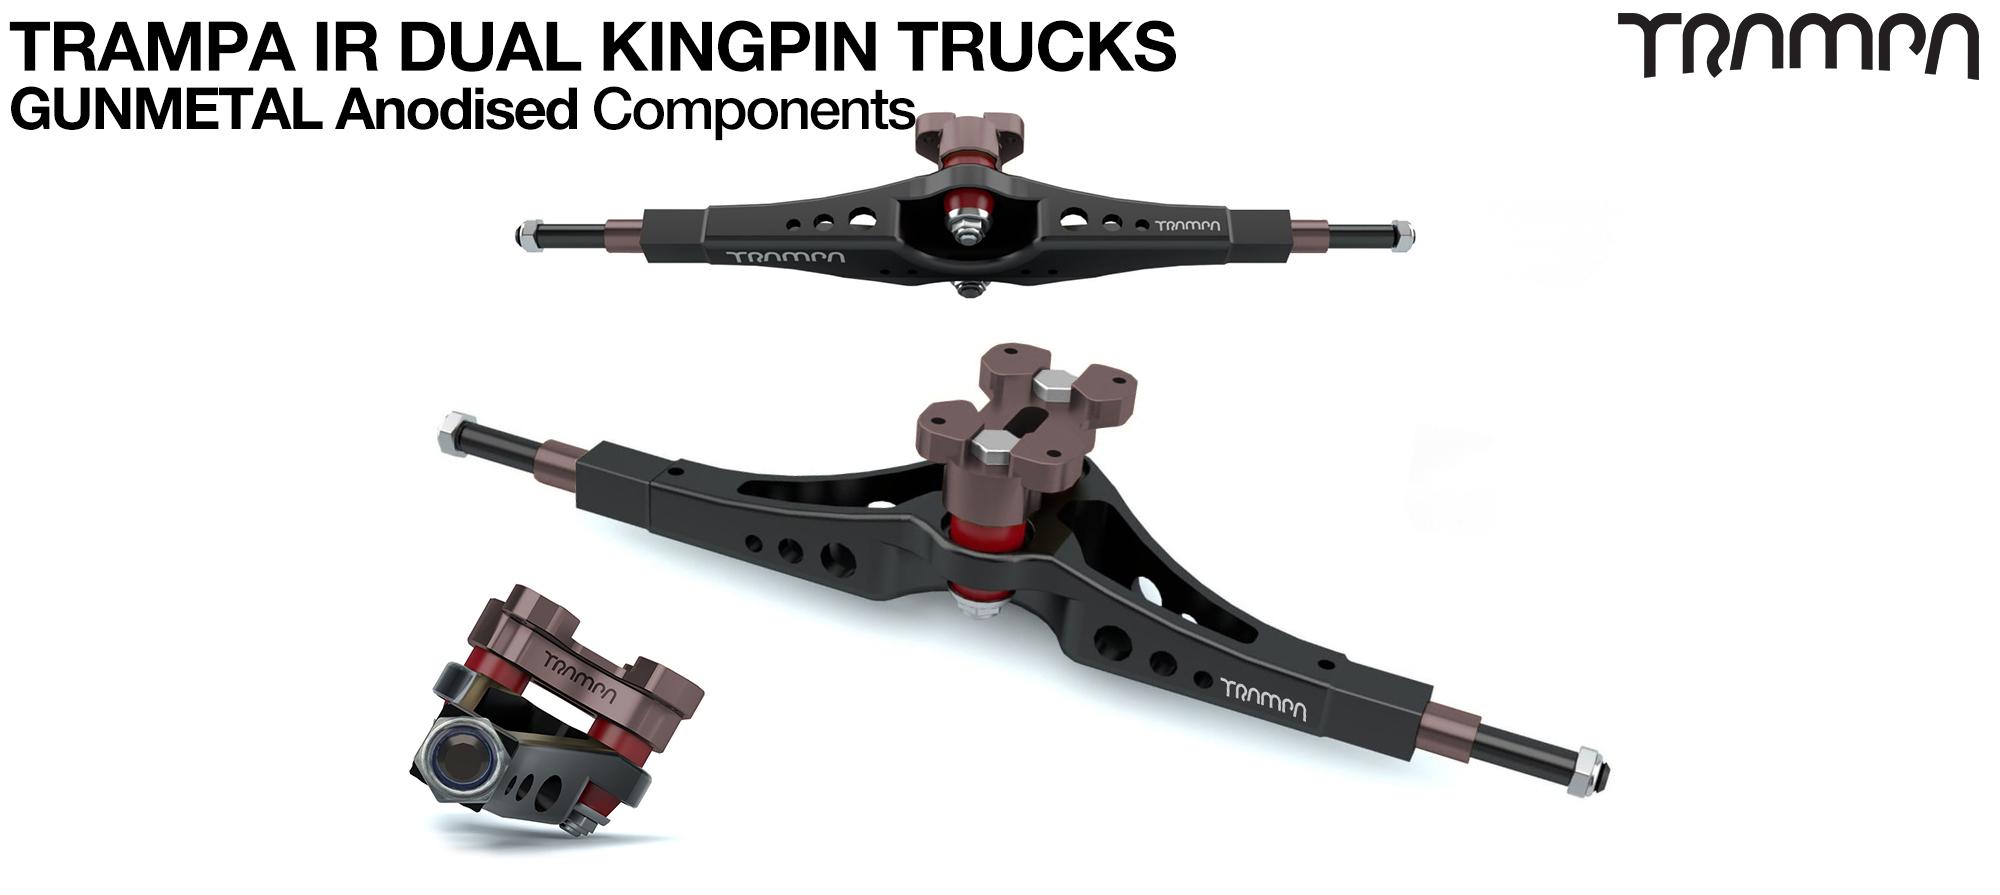 TRAMPA IR Double Kingpinned Skate Style Trucks fit every 19.1mm Motor Mount TRAMPA offers - GUNMETAL